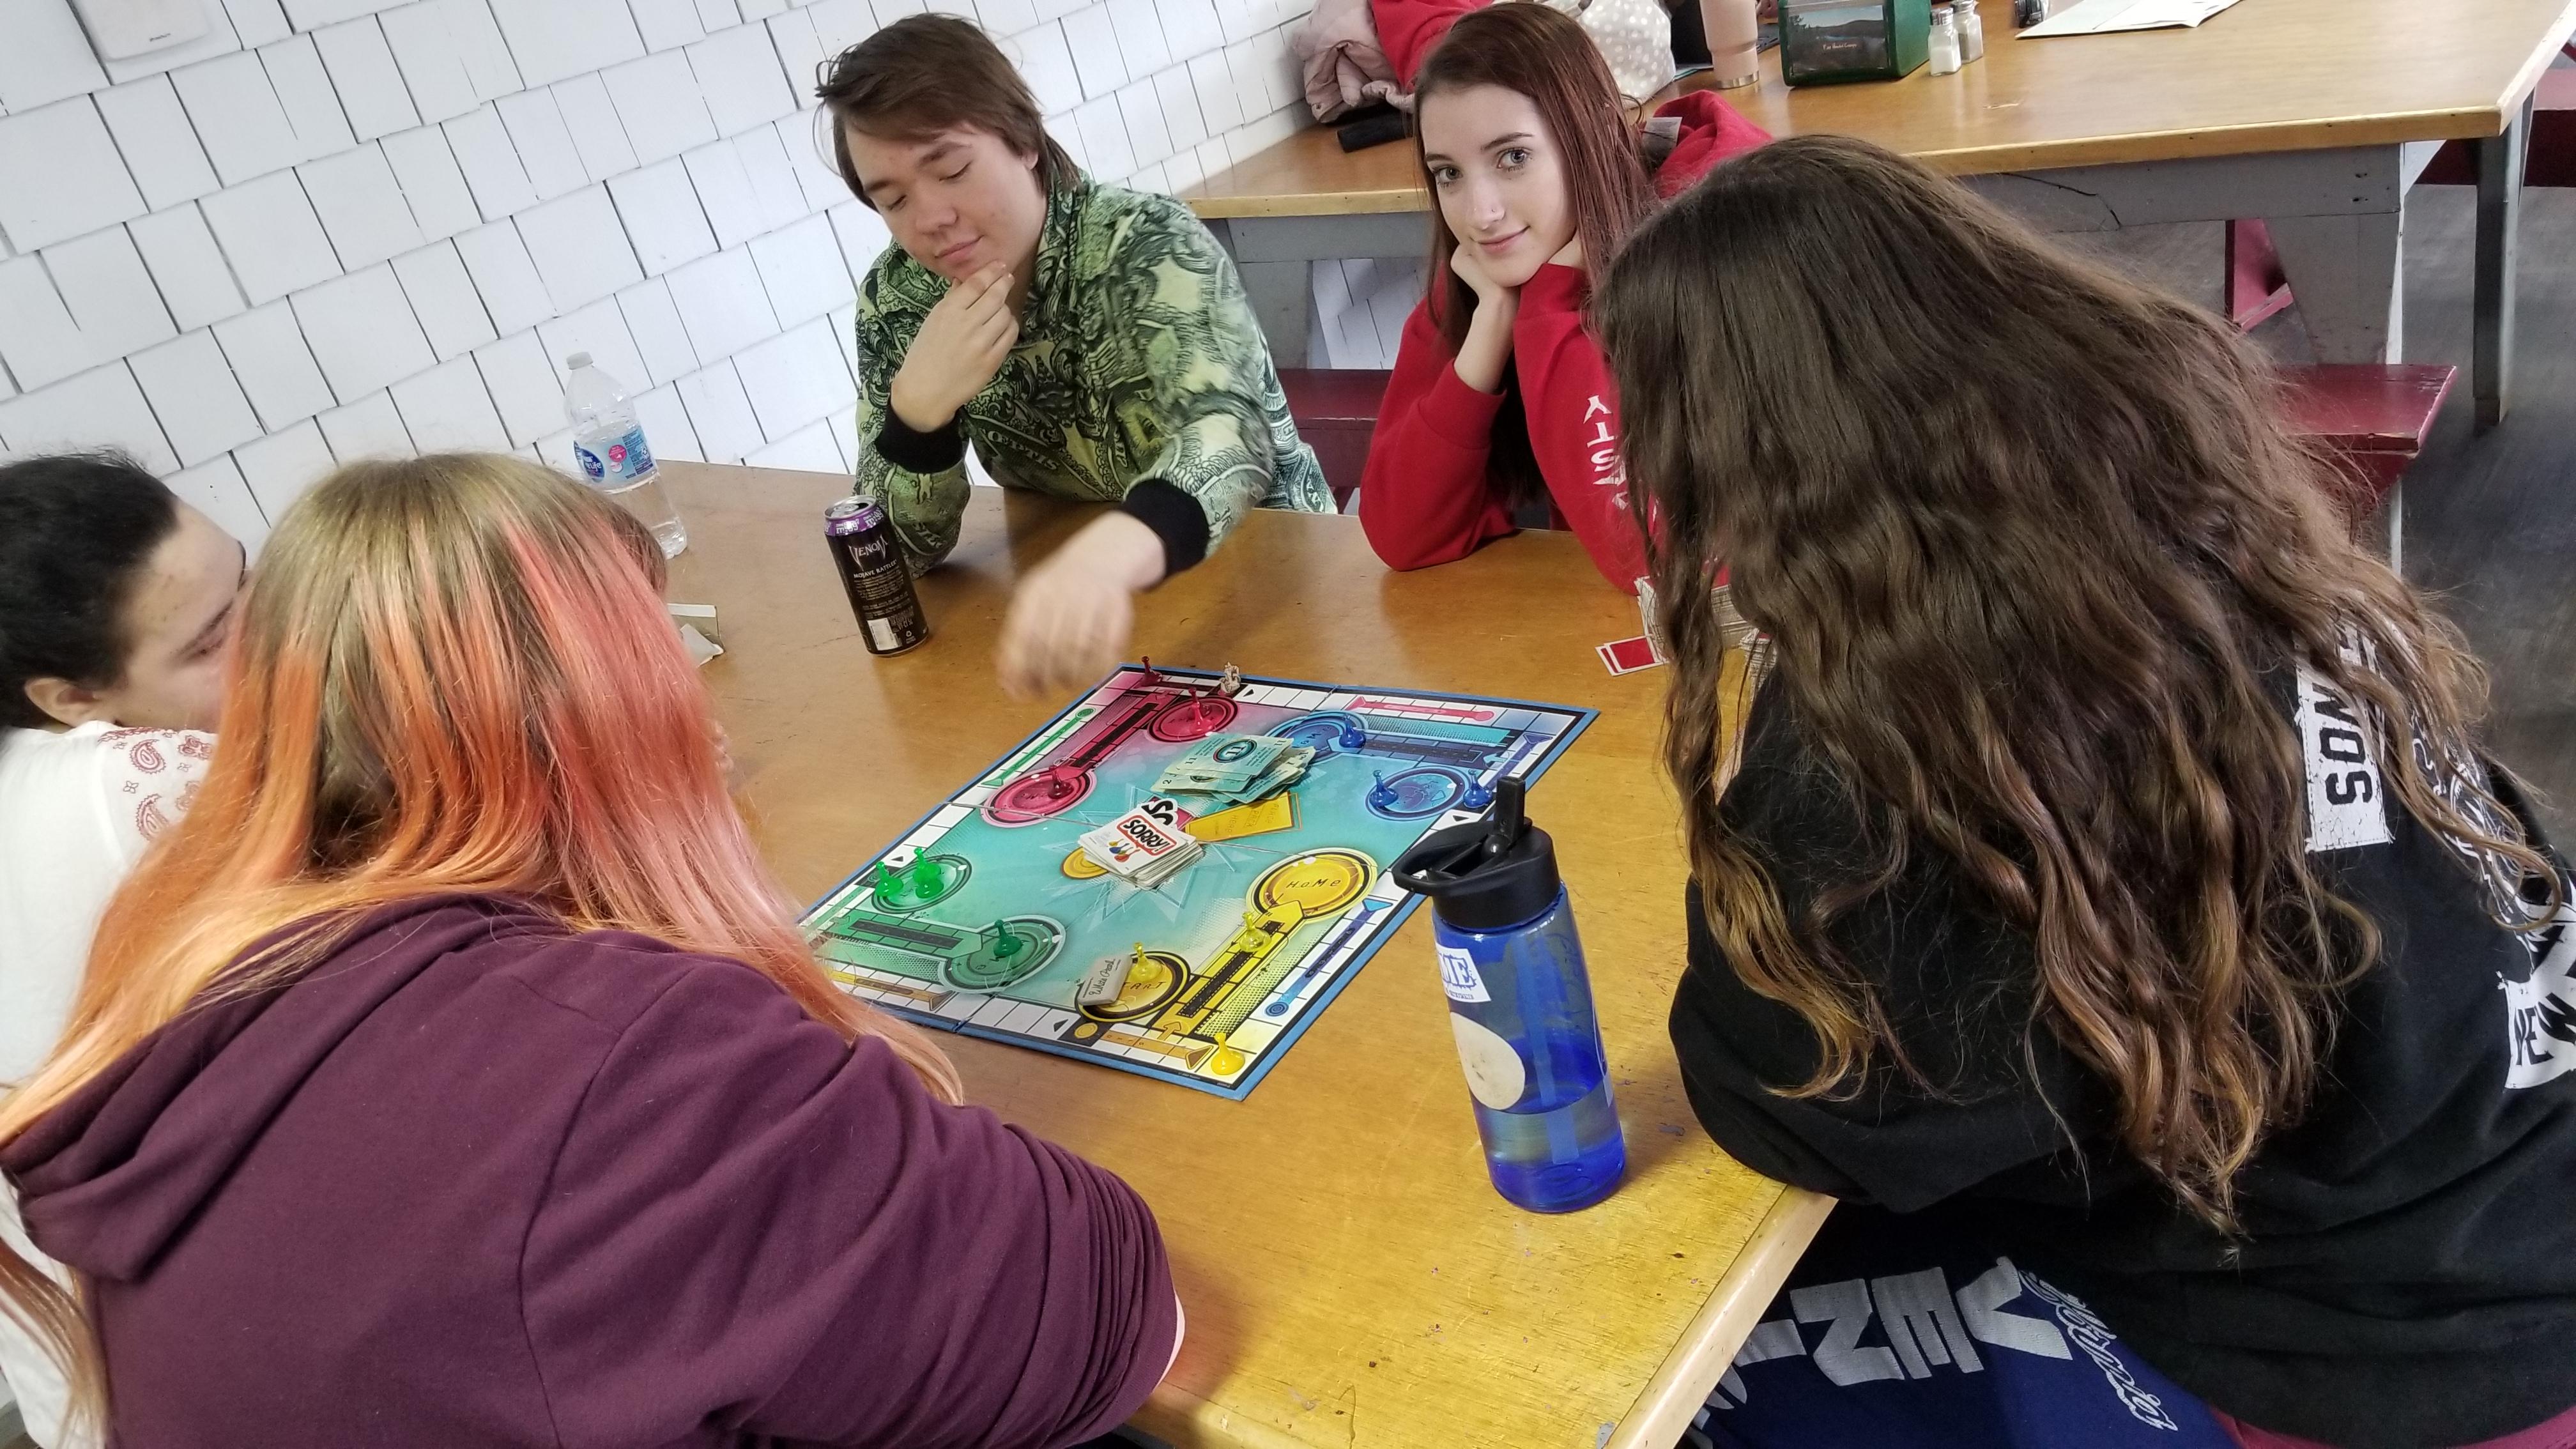 Teens playing games at night.